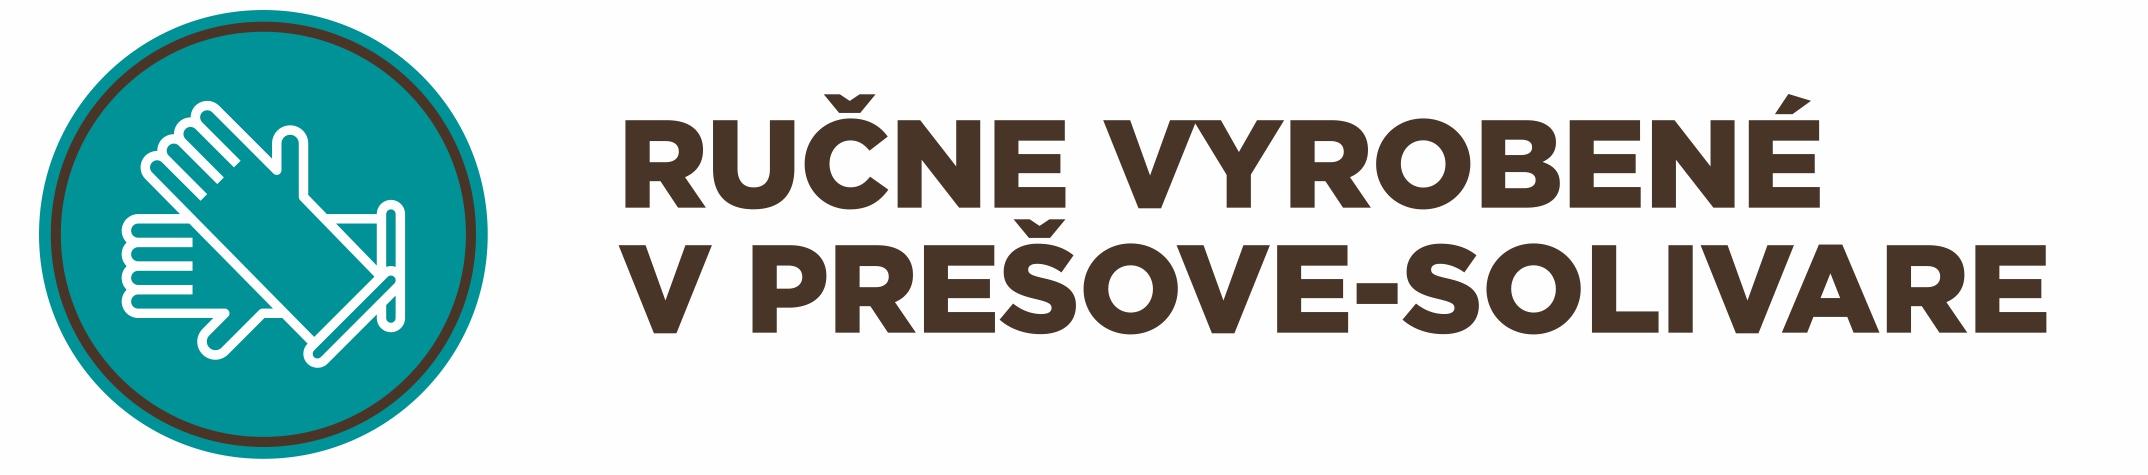 label_rucne_vyrobene_v_presove